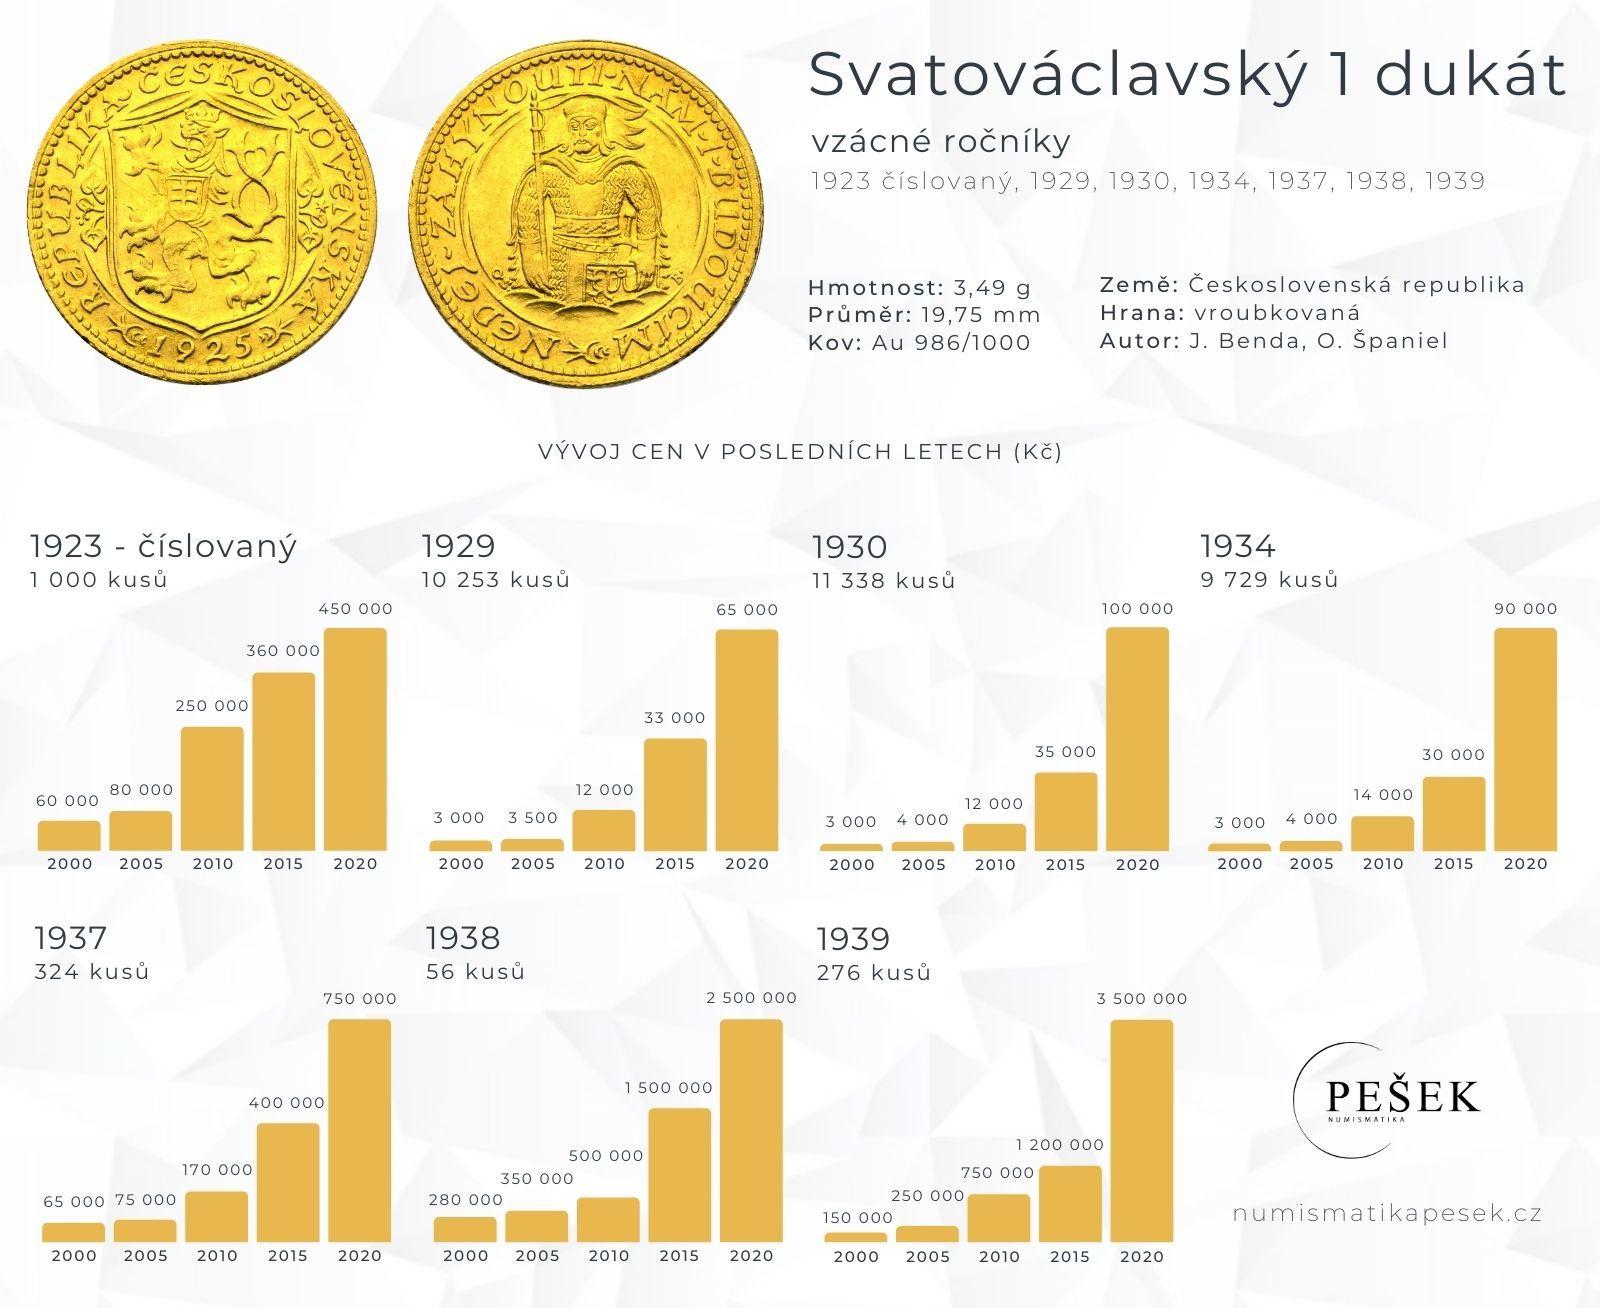 svatovaclavsky-dukat-vzacne-rocniky